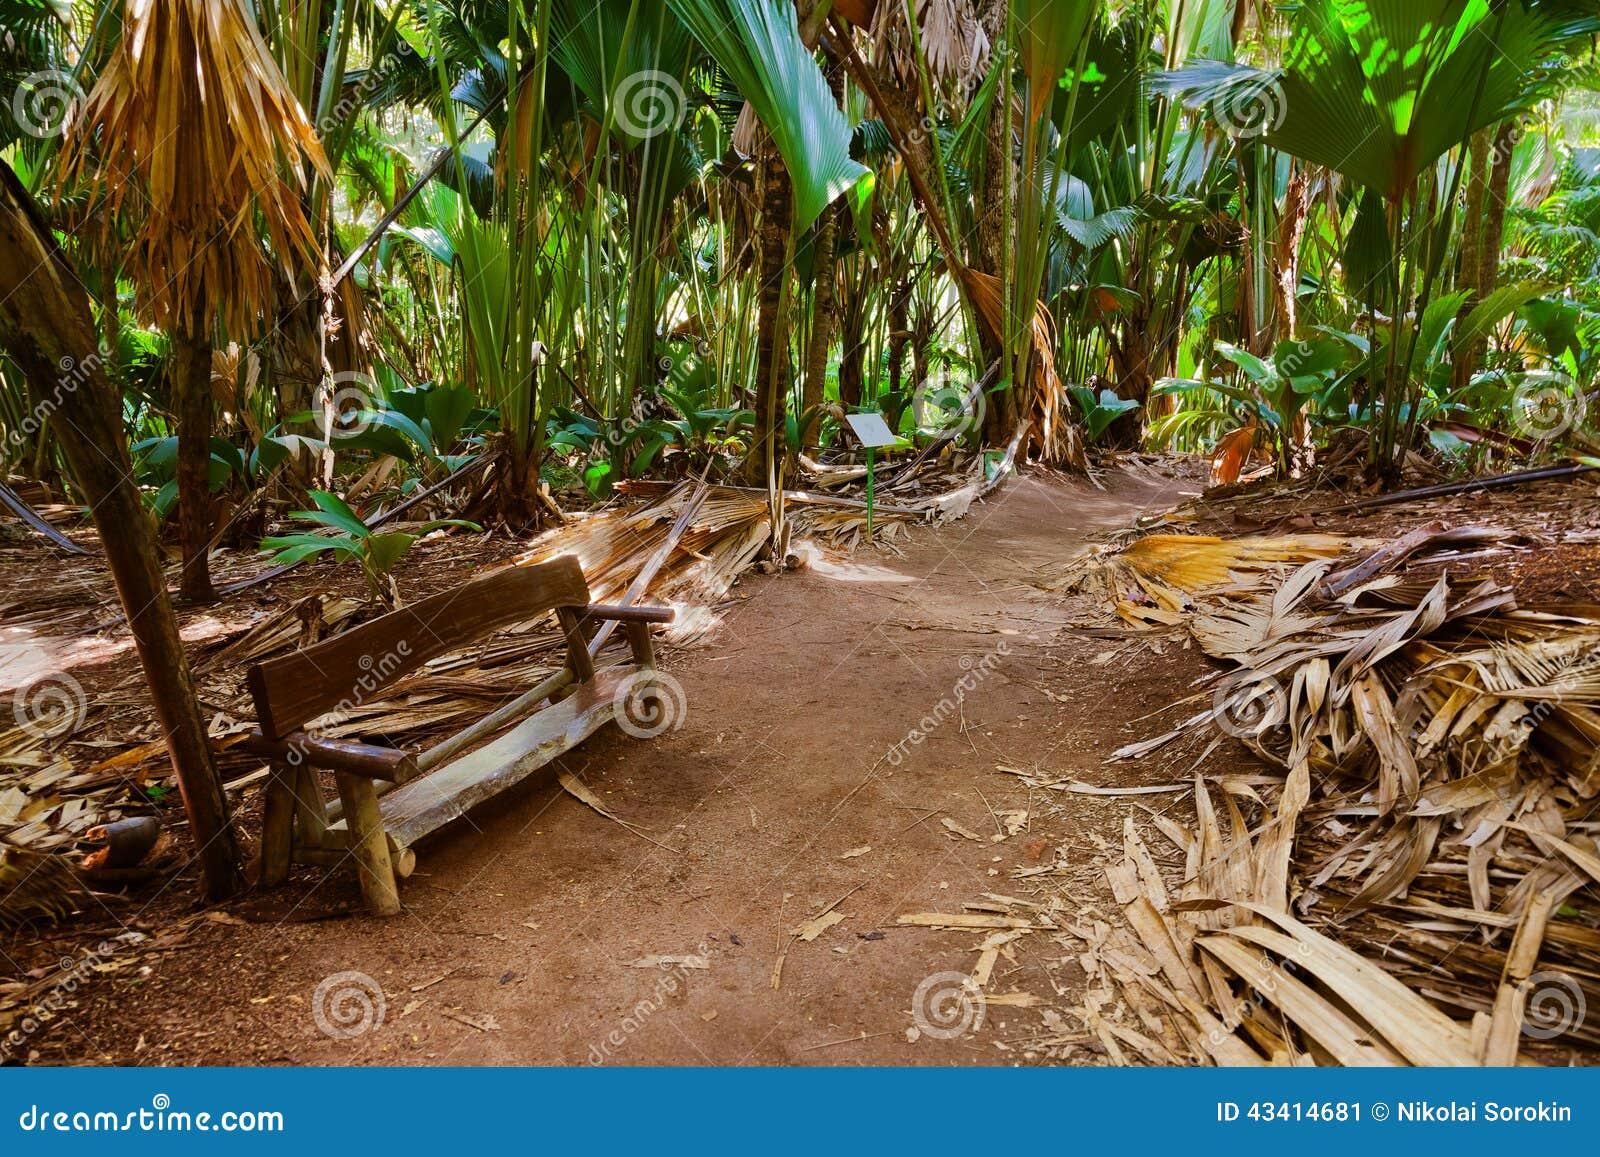 Διάβαση στη ζούγκλα - Vallee de Mai - Σεϋχέλλες